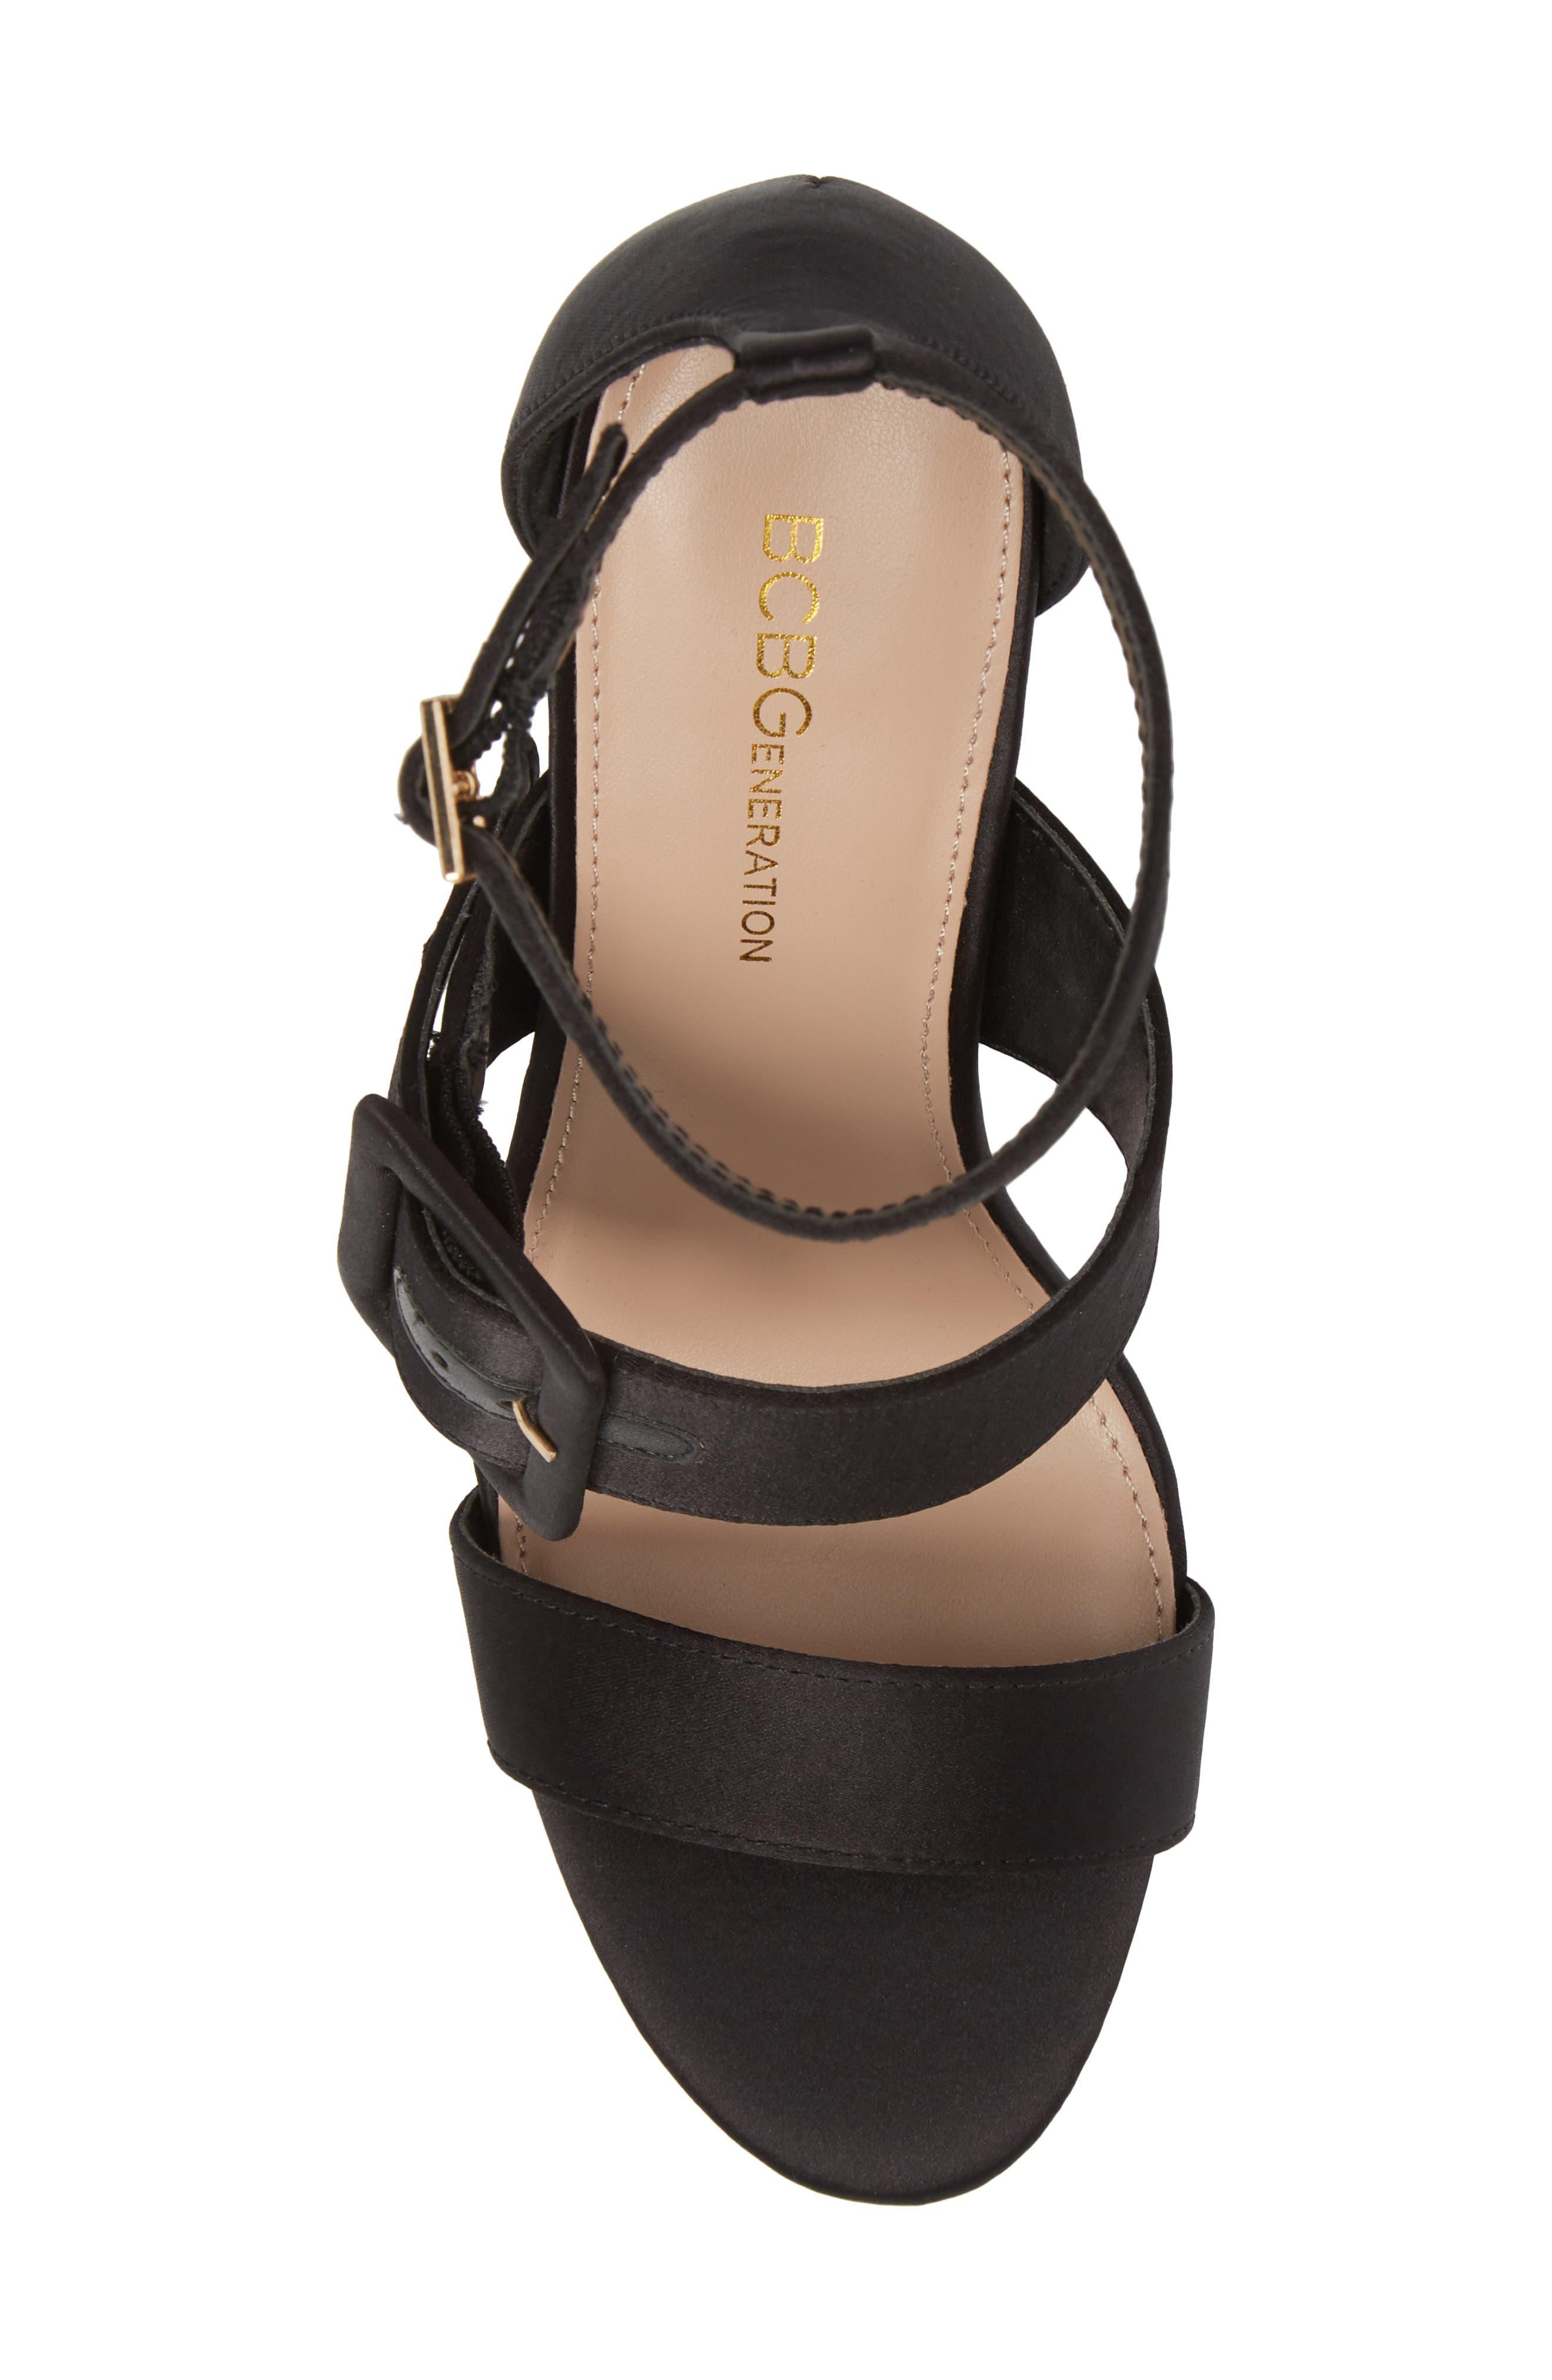 Raelynn Ankle Strap Sandal,                             Alternate thumbnail 5, color,                             BLACK SATIN